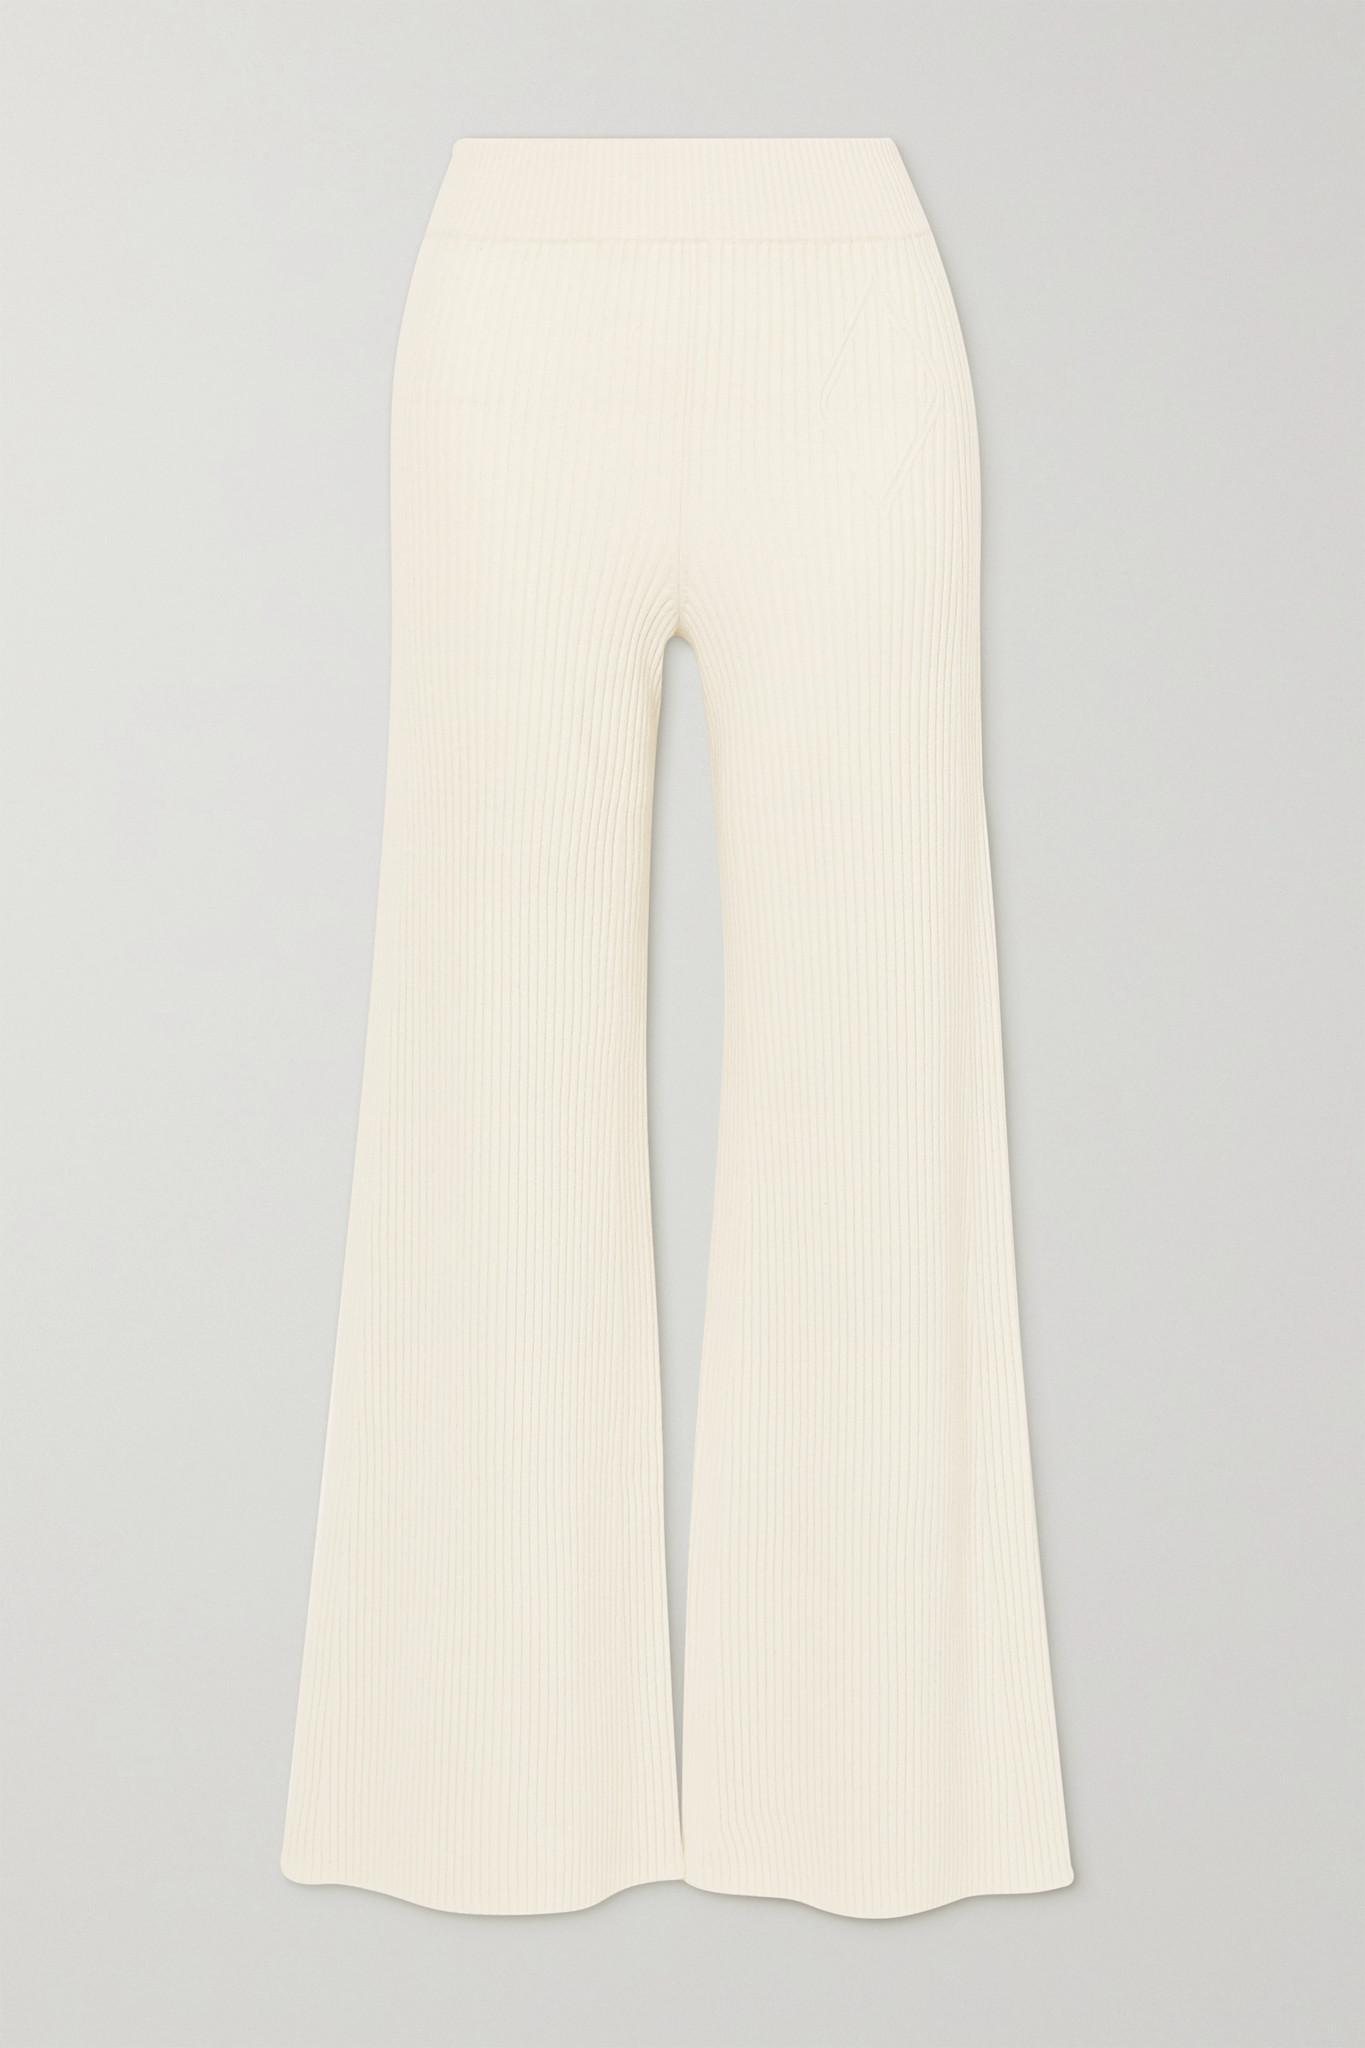 CHLOÉ - 罗纹羊毛混纺喇叭裤 - 白色 - small